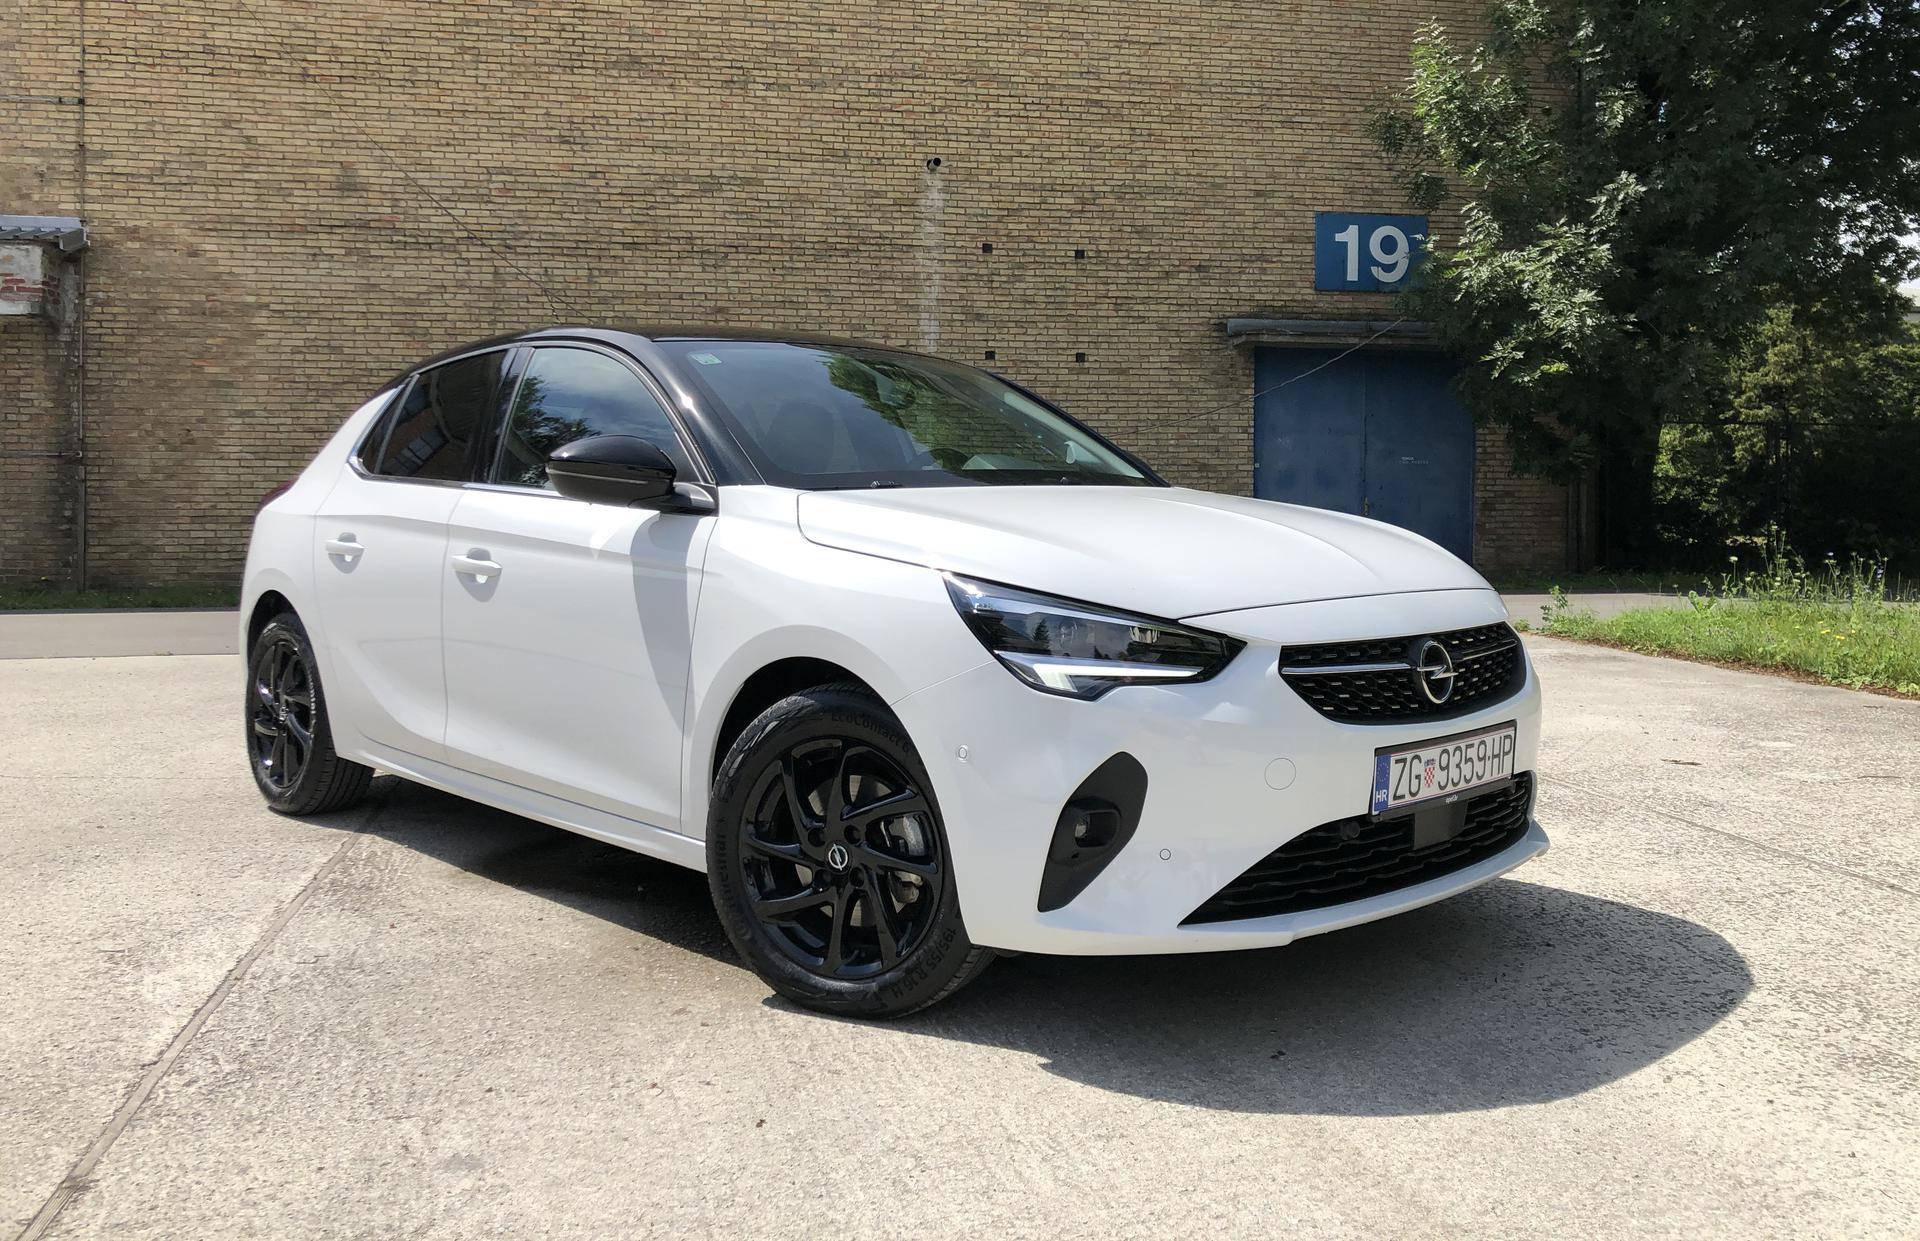 Corsa dizel na testu: Novi adut iz Opela troši samo pet litara